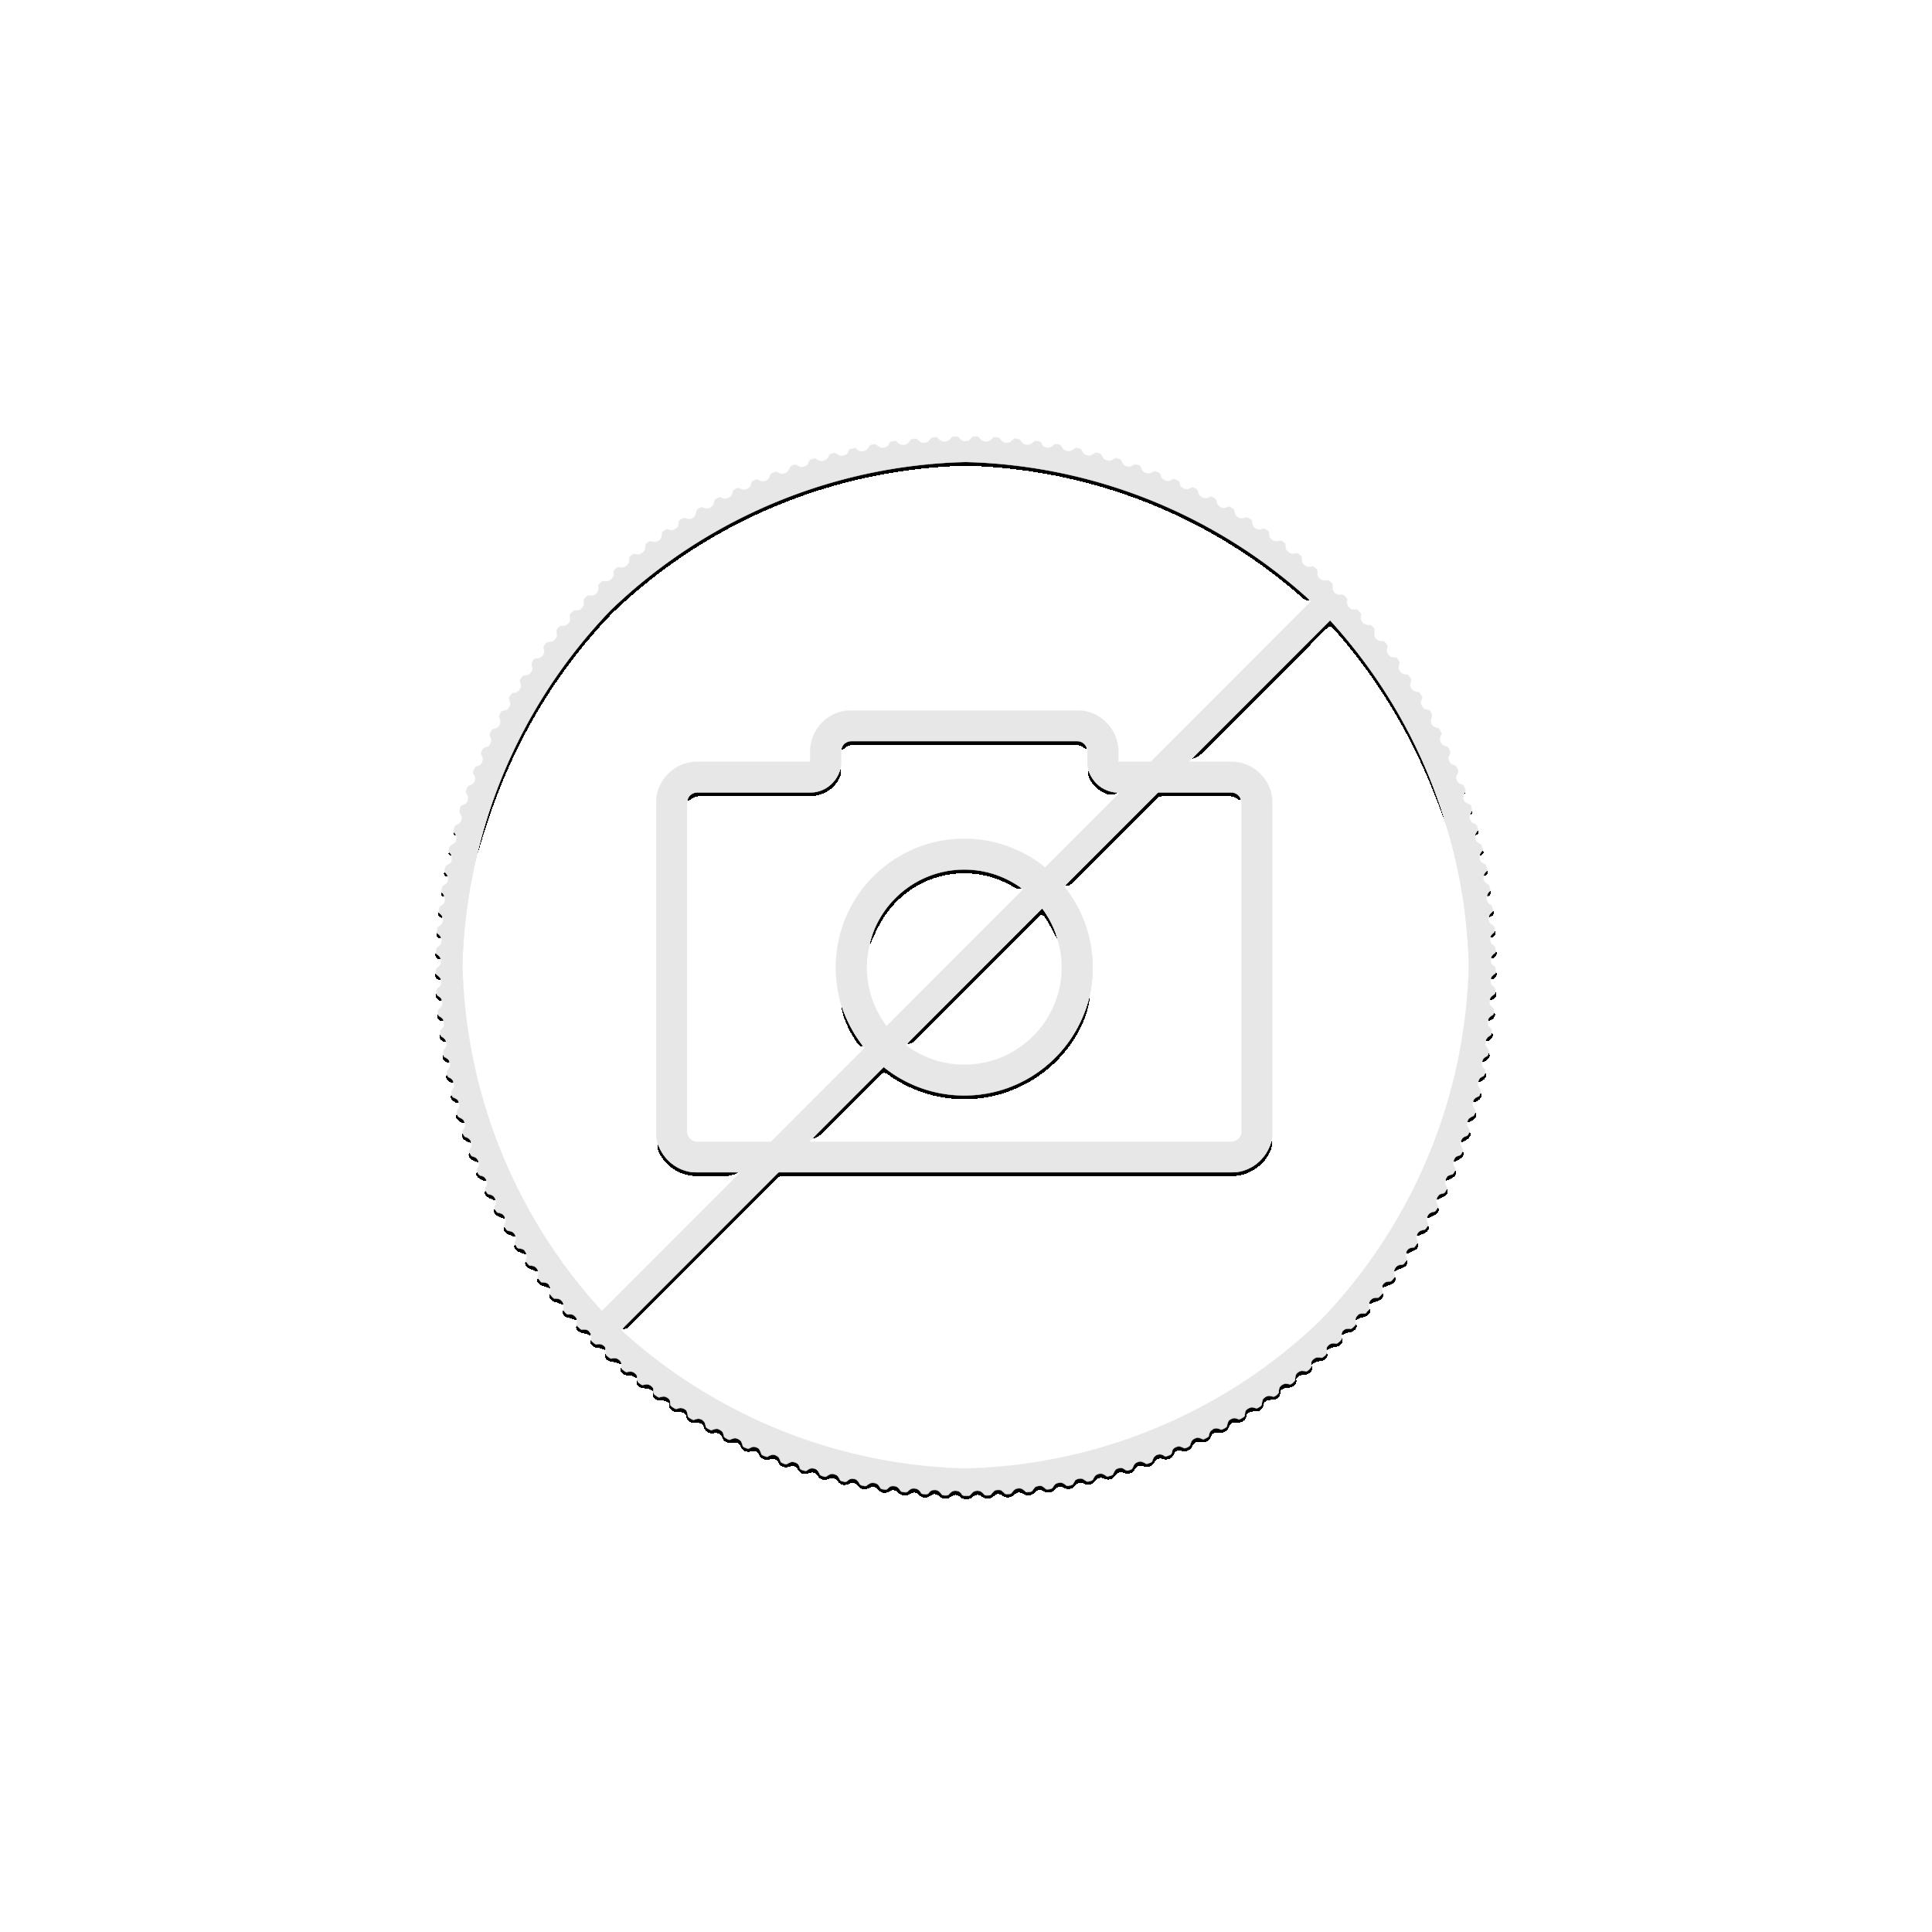 Zilveren munt ijsbeer 2020 proof